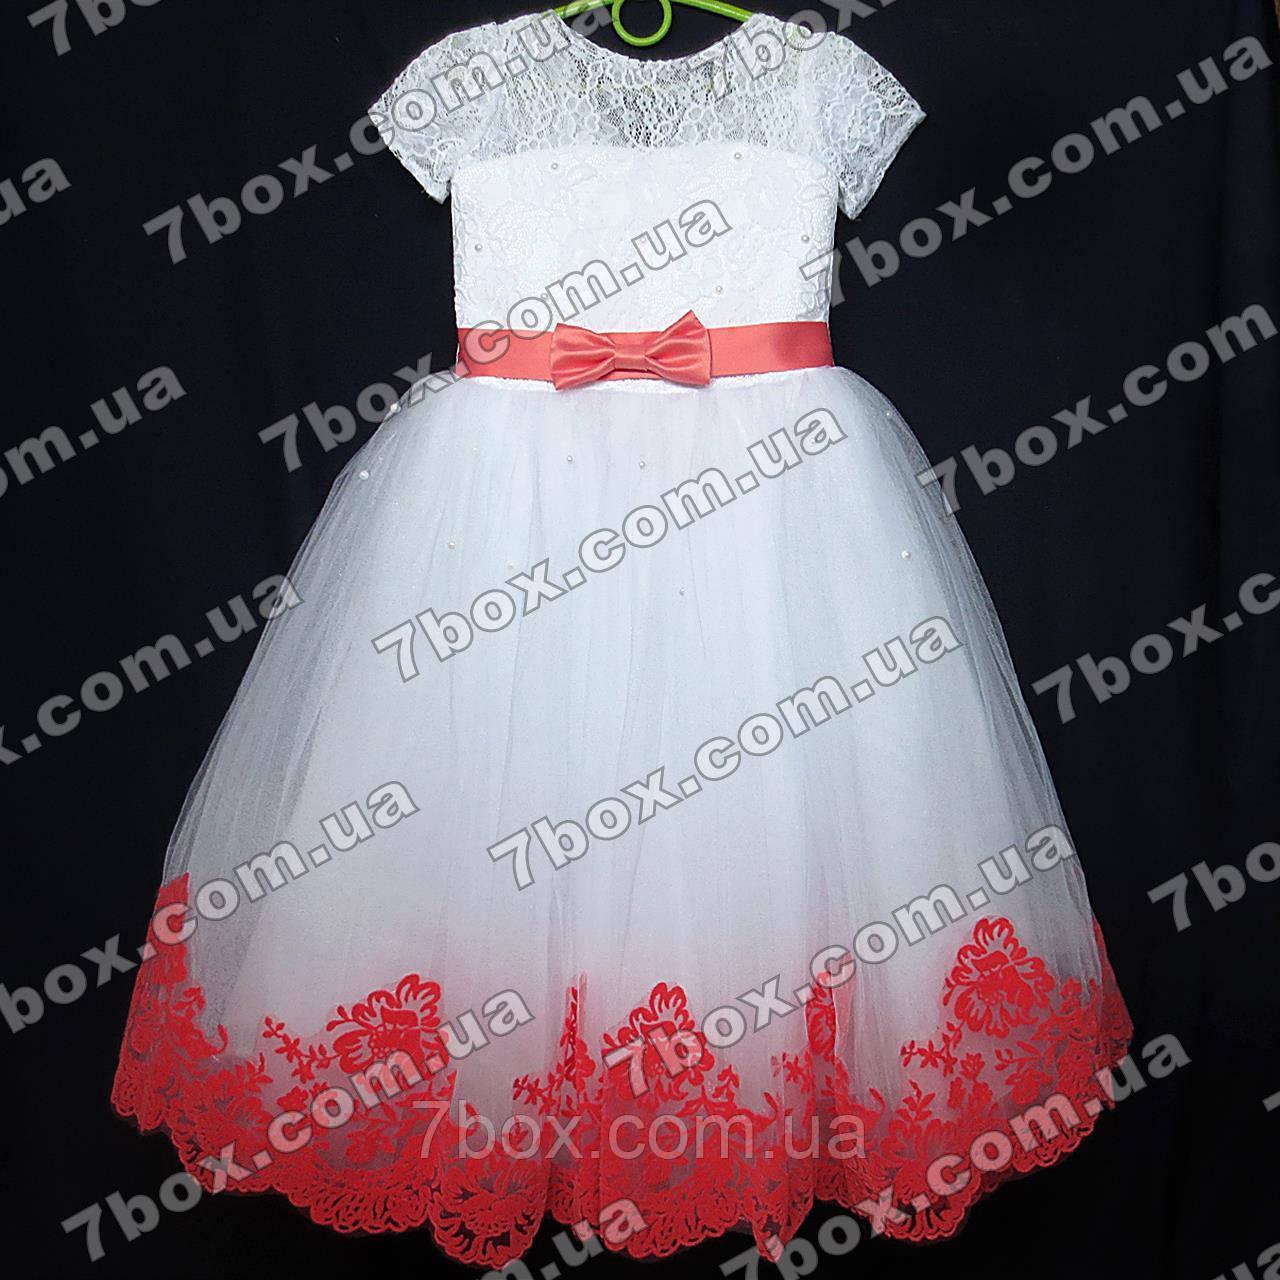 Детское нарядное платье бальное Бархатное (белое+коралловый) Возраст 6-7 лет.